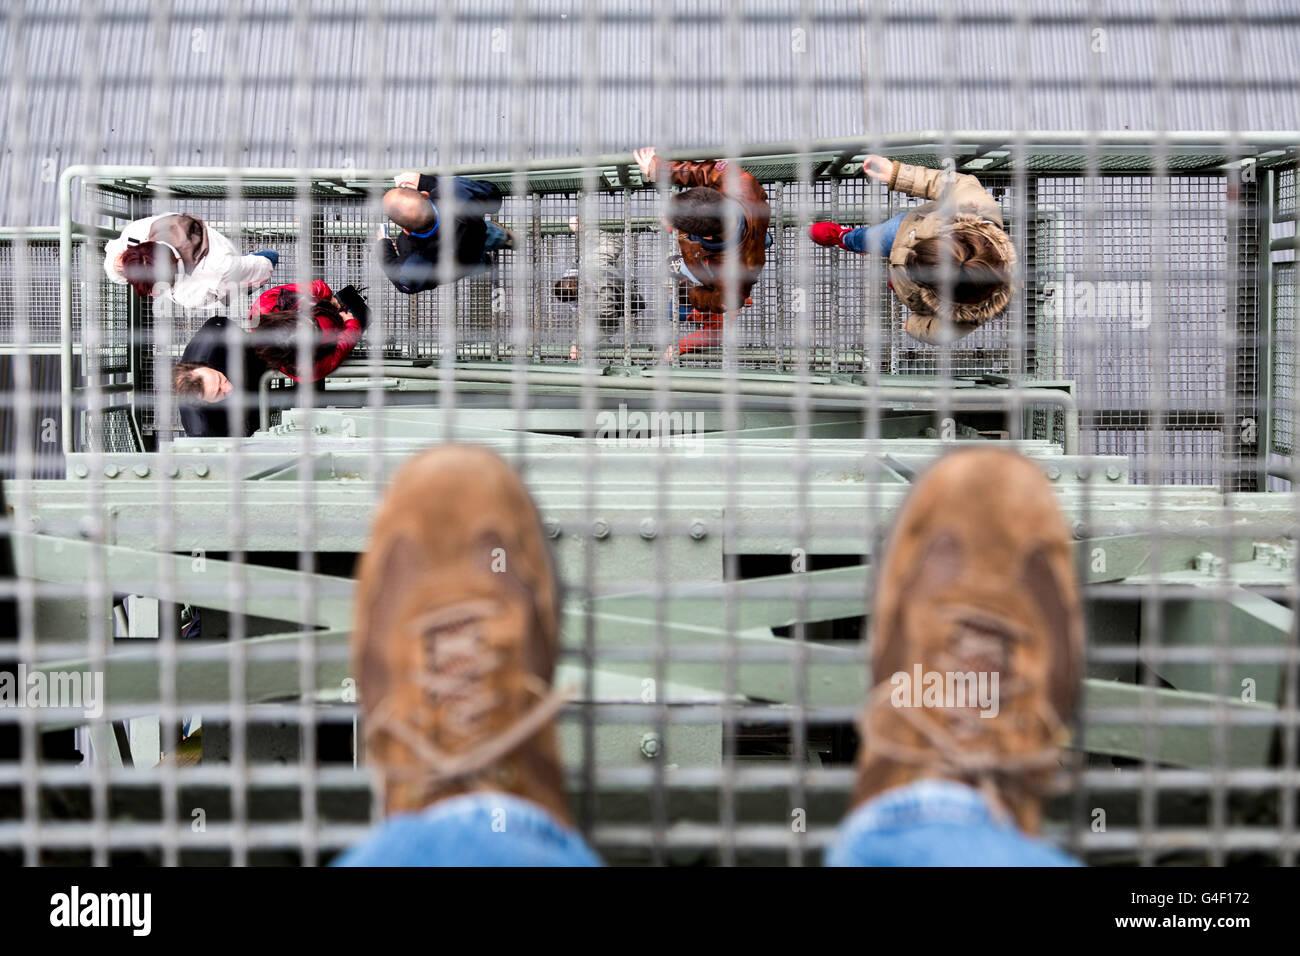 Imagen de símbolo acrophobia, la persona se levanta sobre la rejilla de metal de una escalera, mirando hacia Imagen De Stock